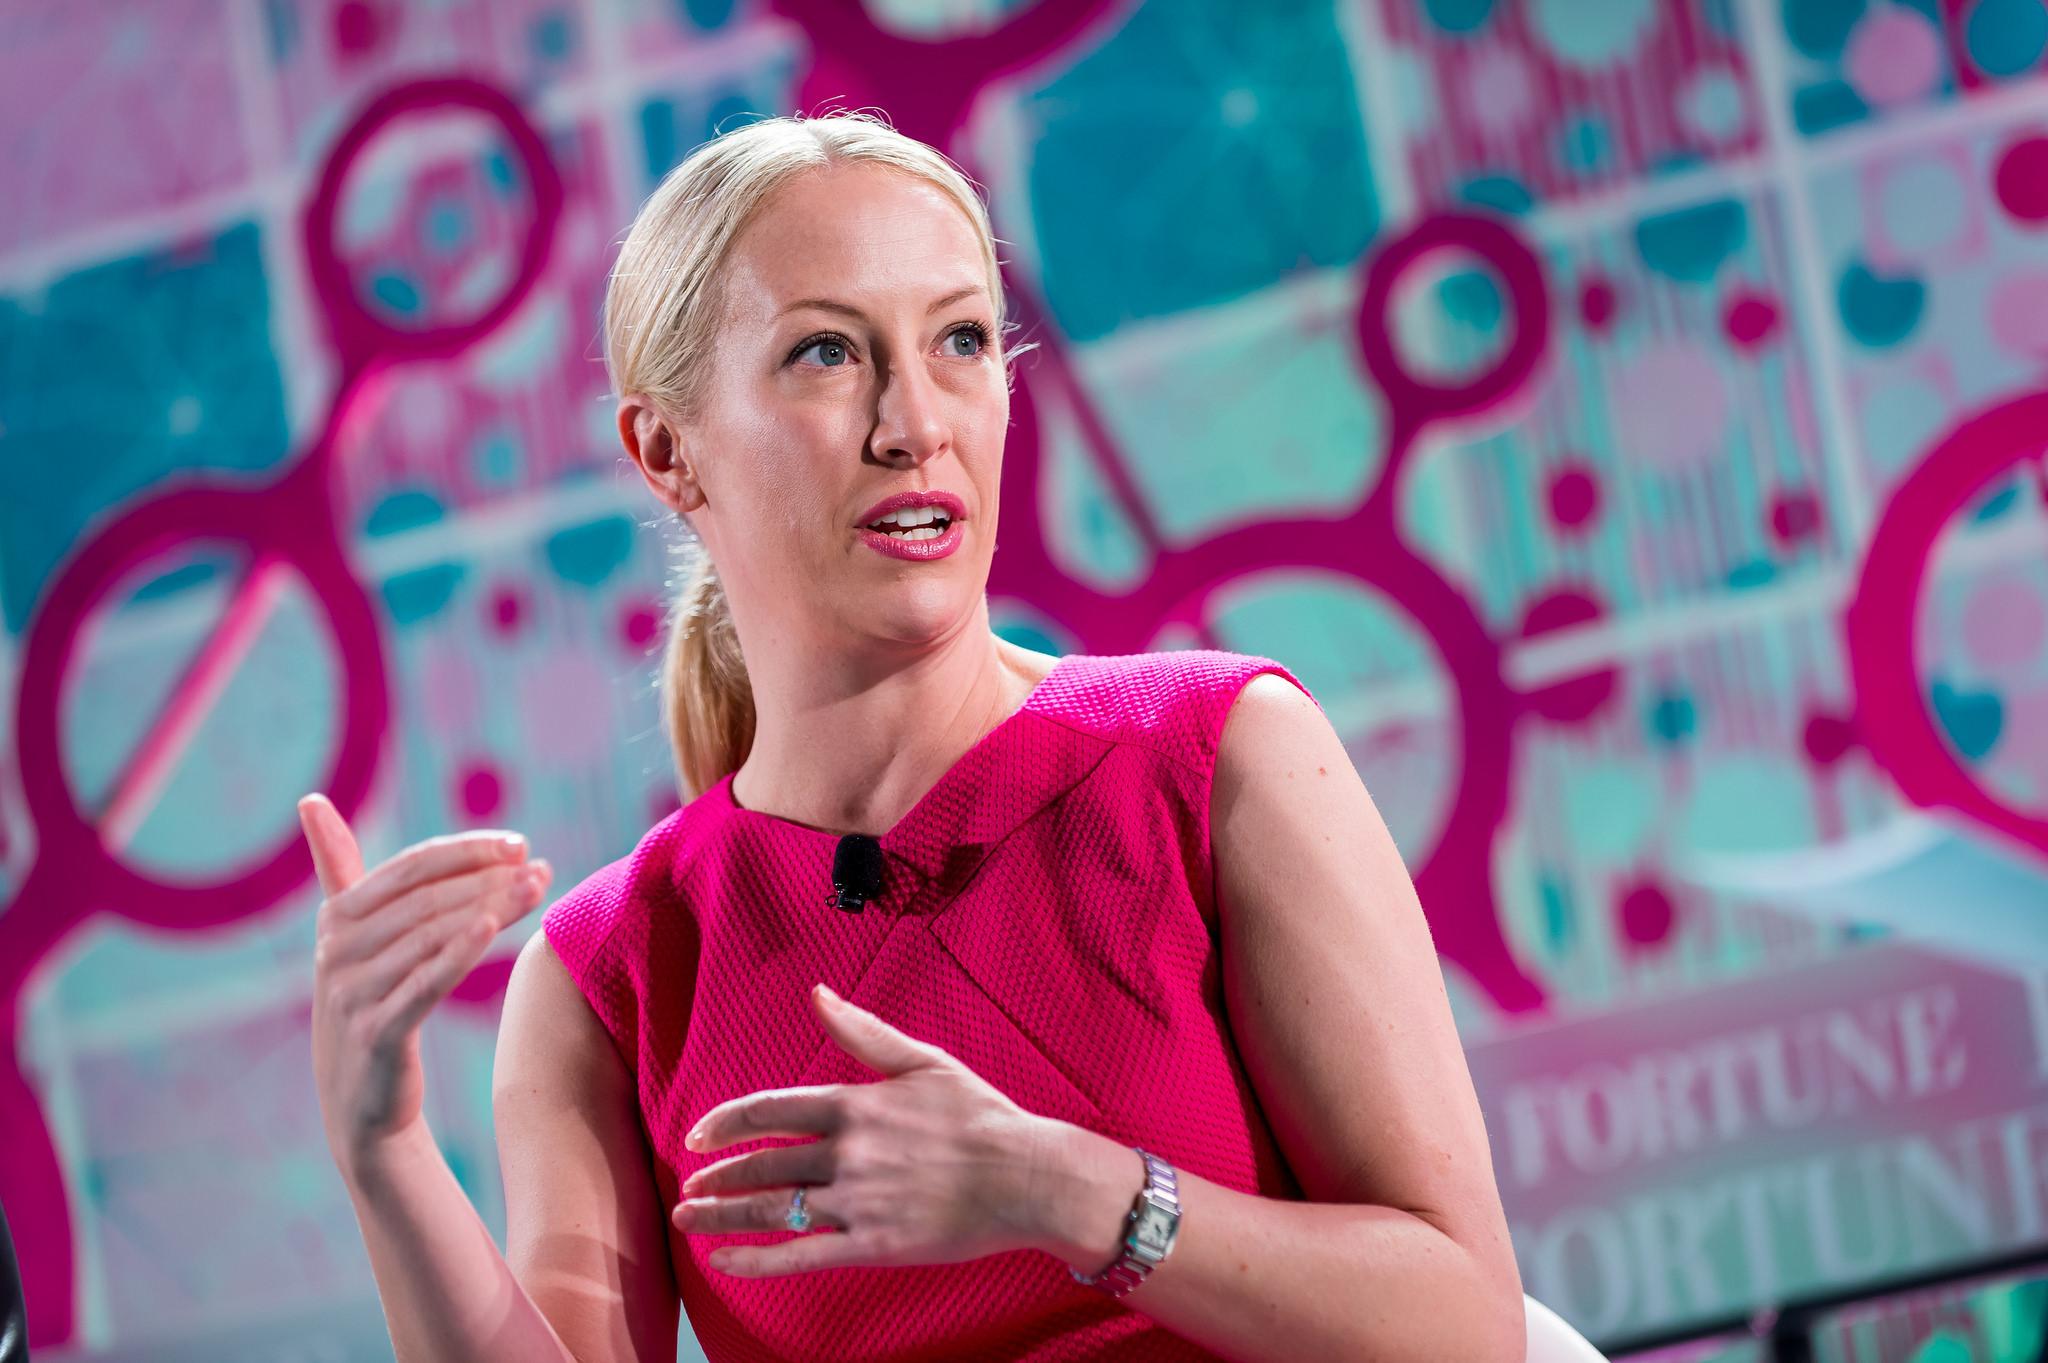 Eventbrite CEO Julia Hartz at the 2015 Fortune Most Powerful Women Next Gen Summit in San Francisco.